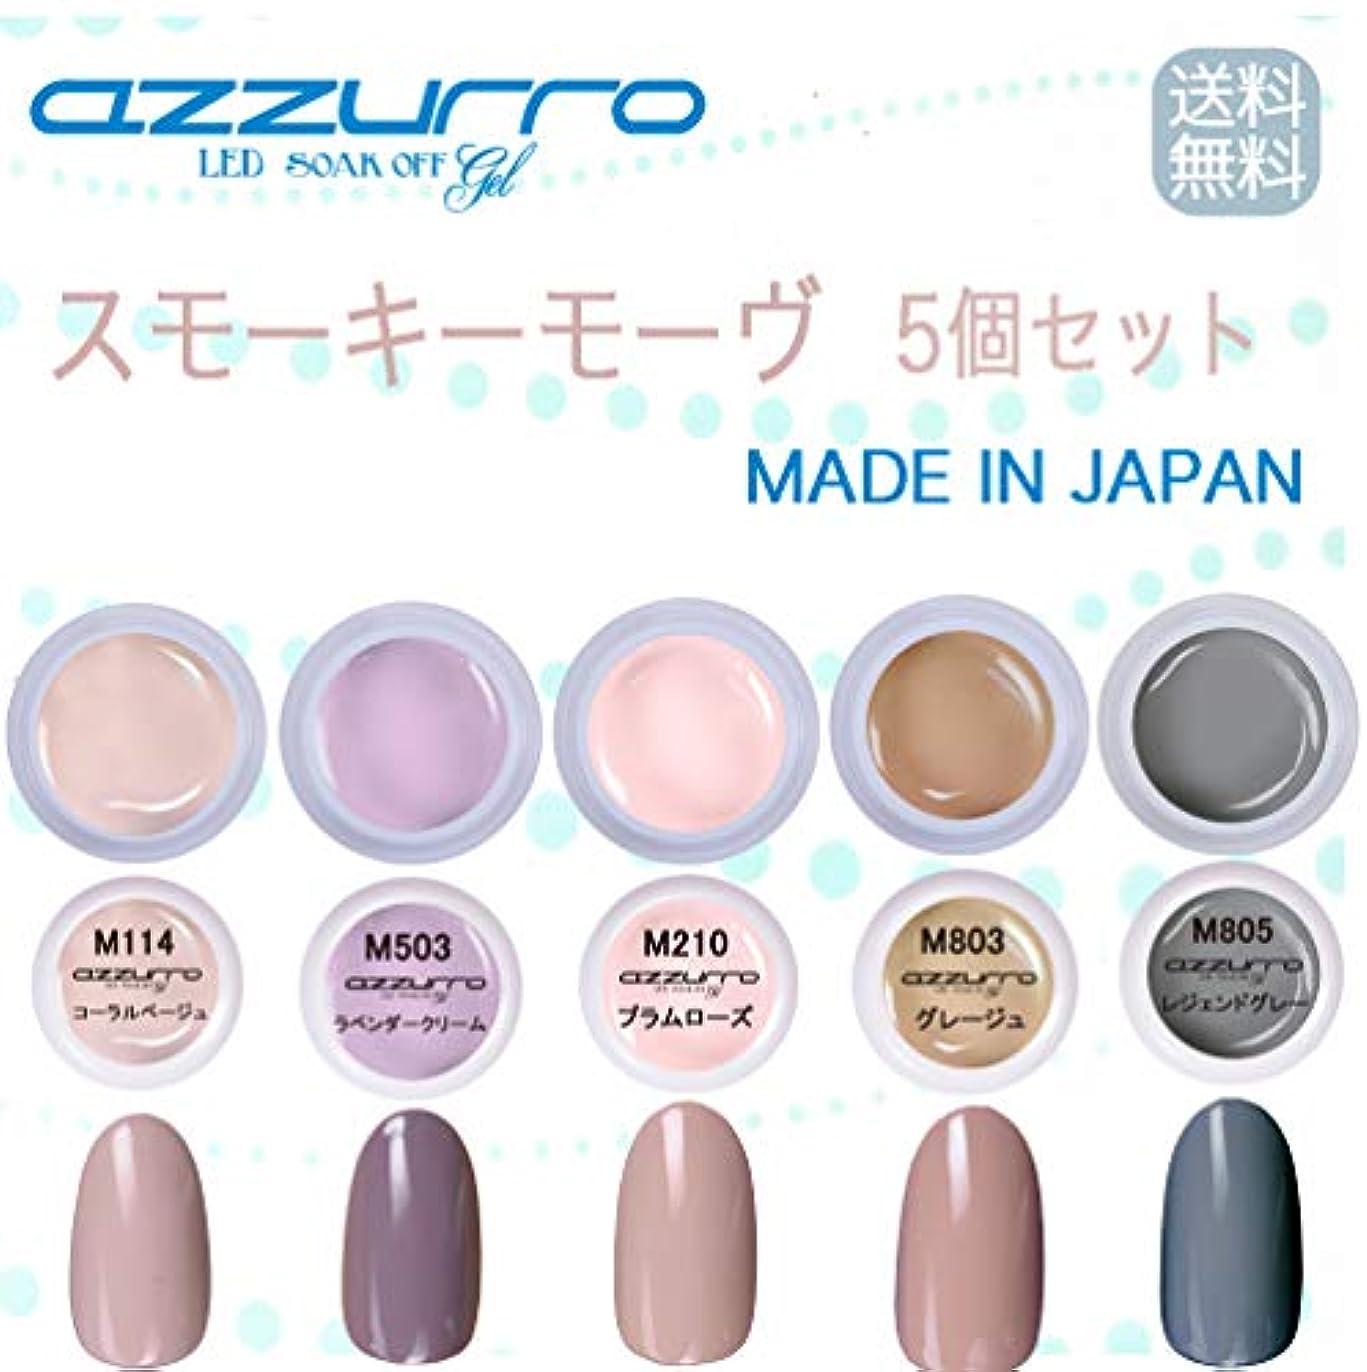 キャリッジモーション反論【送料無料】日本製 azzurro gel スモーキーモーヴカラージェル5個セット 春色にもかかせないとスモーキーなモーヴカラー